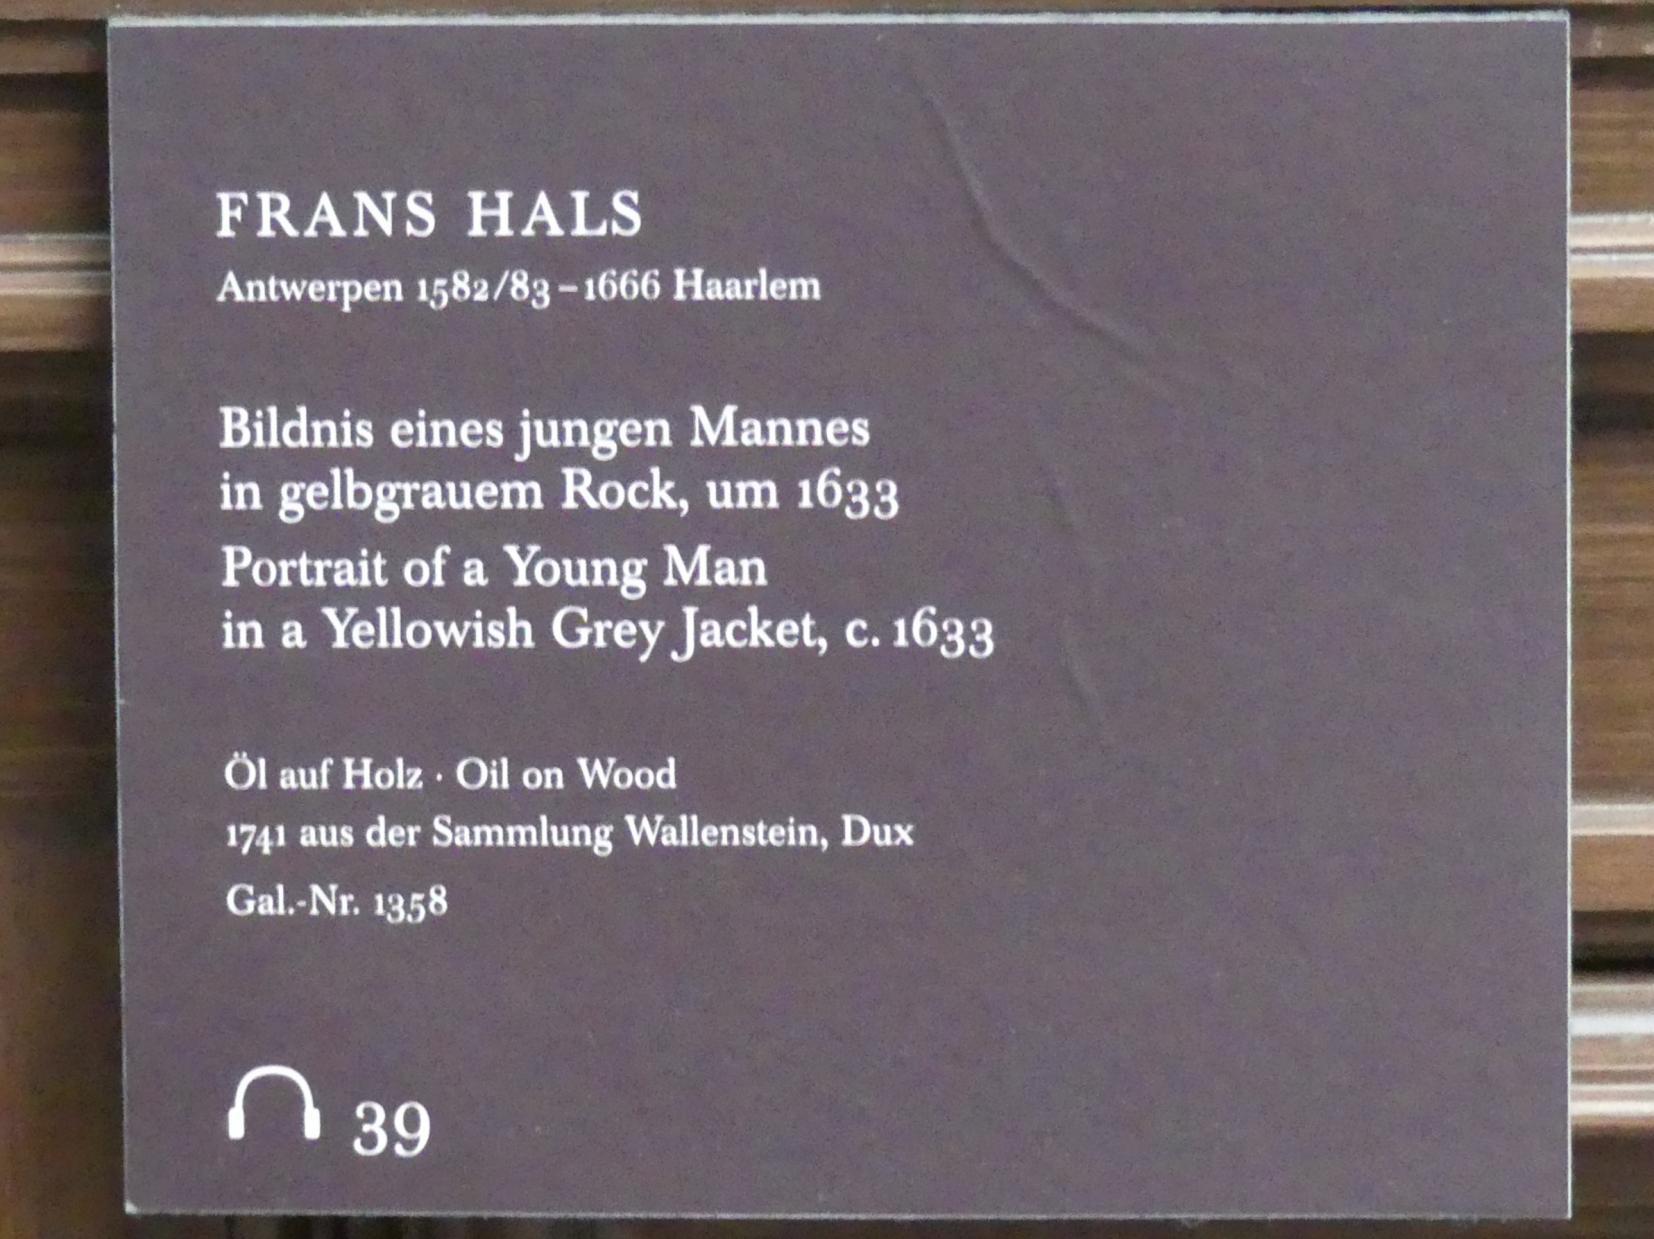 Frans Hals: Bildnis eines jungen Mannes in gelbgrauem Rock, um 1633, Bild 2/2